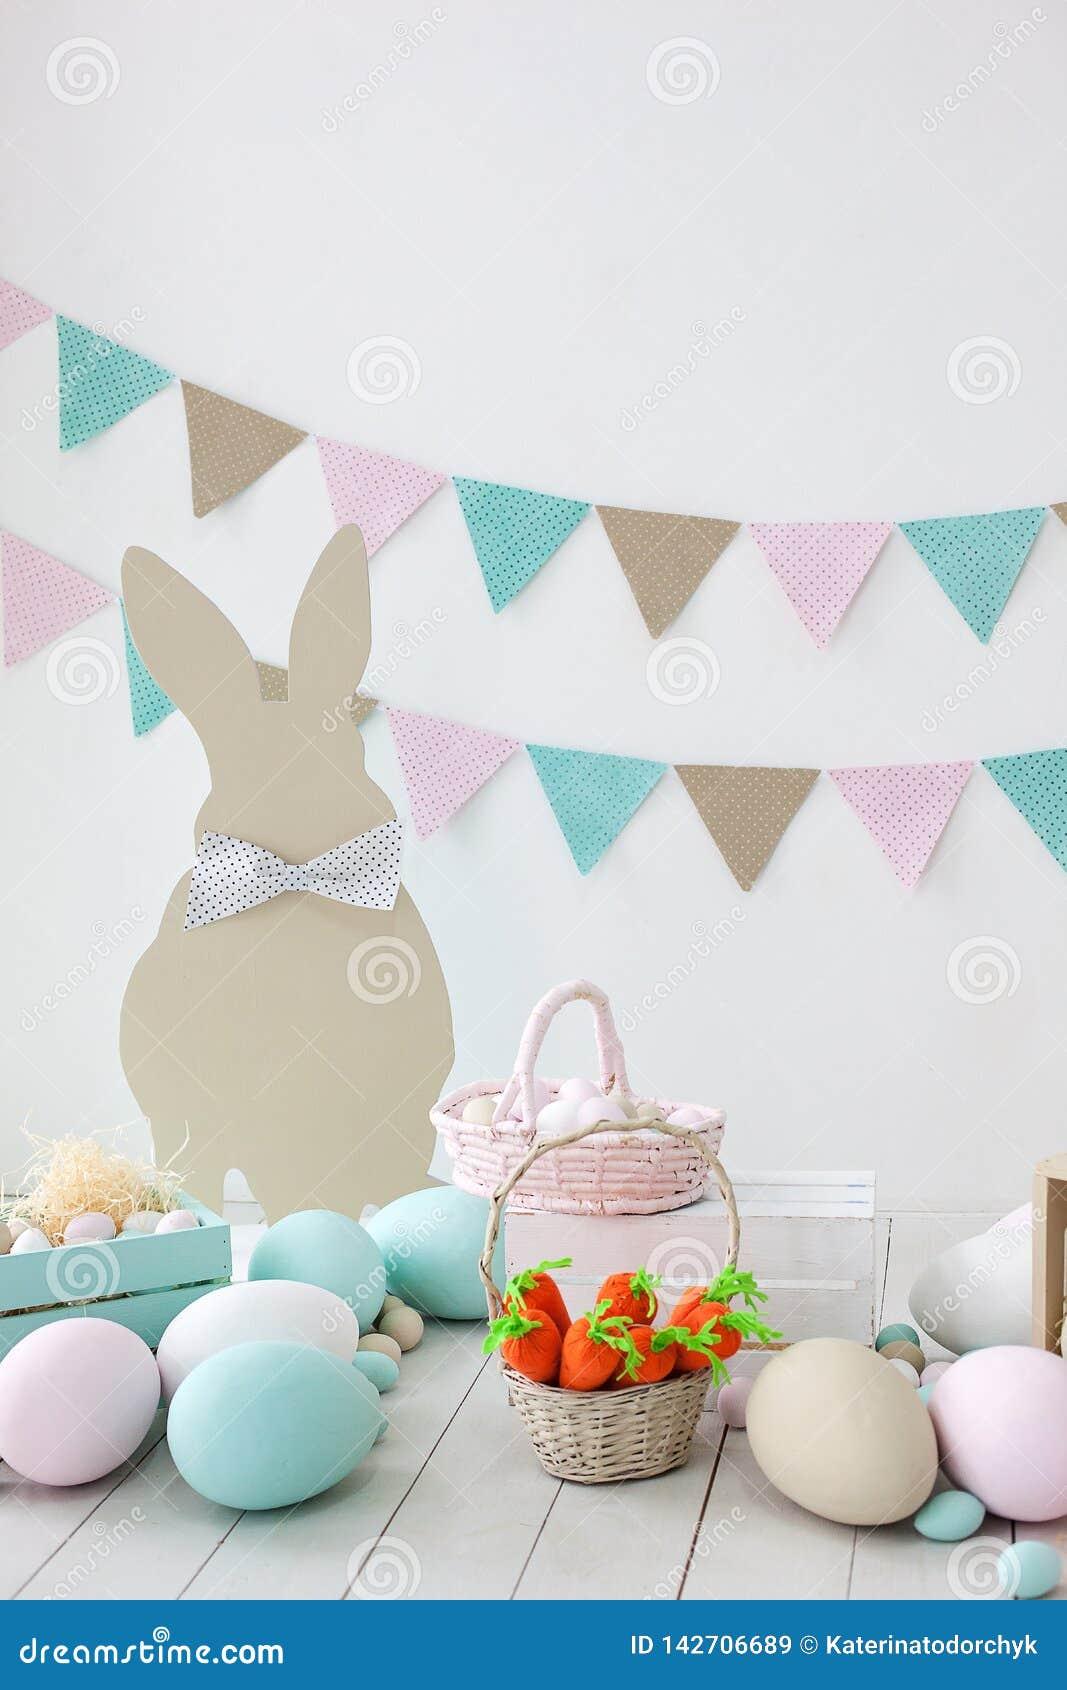 Pâques ! Beaucoup d oeufs de pâques colorés avec des lapins et des paniers ! Décoration de Pâques de la salle, la pièce d enfants